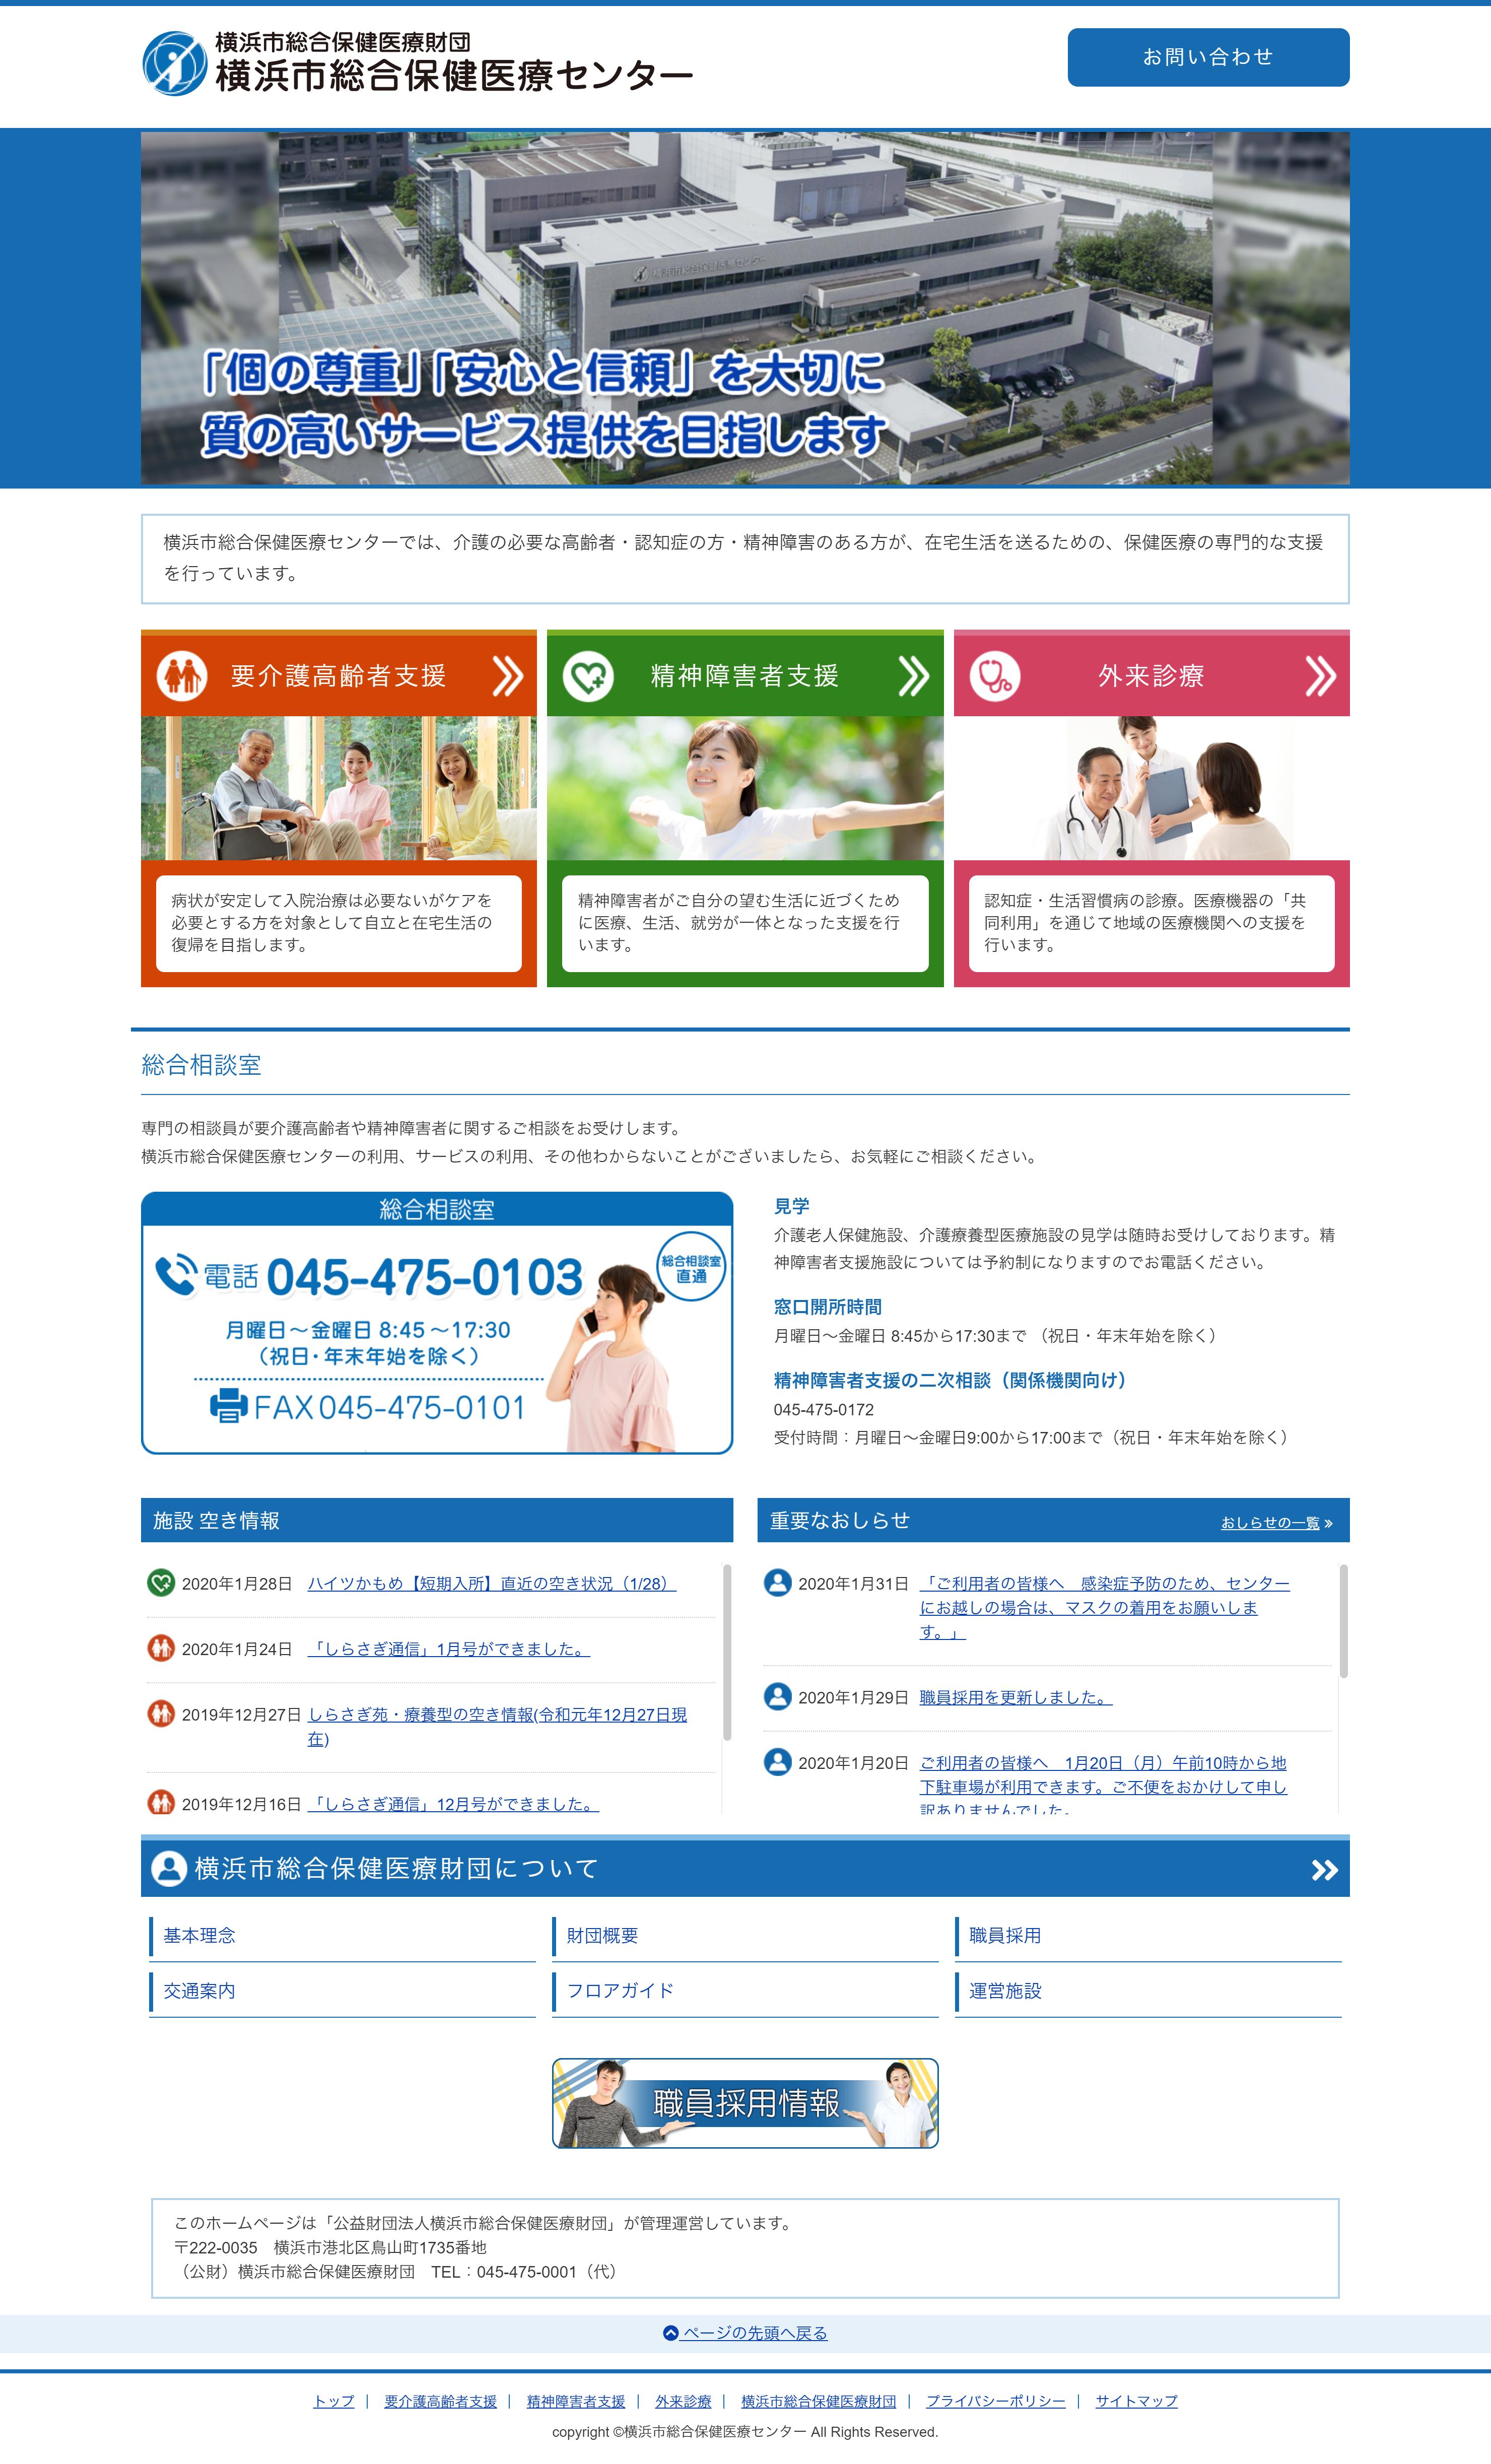 ホームページ制作実績横浜市総合保健医療センター